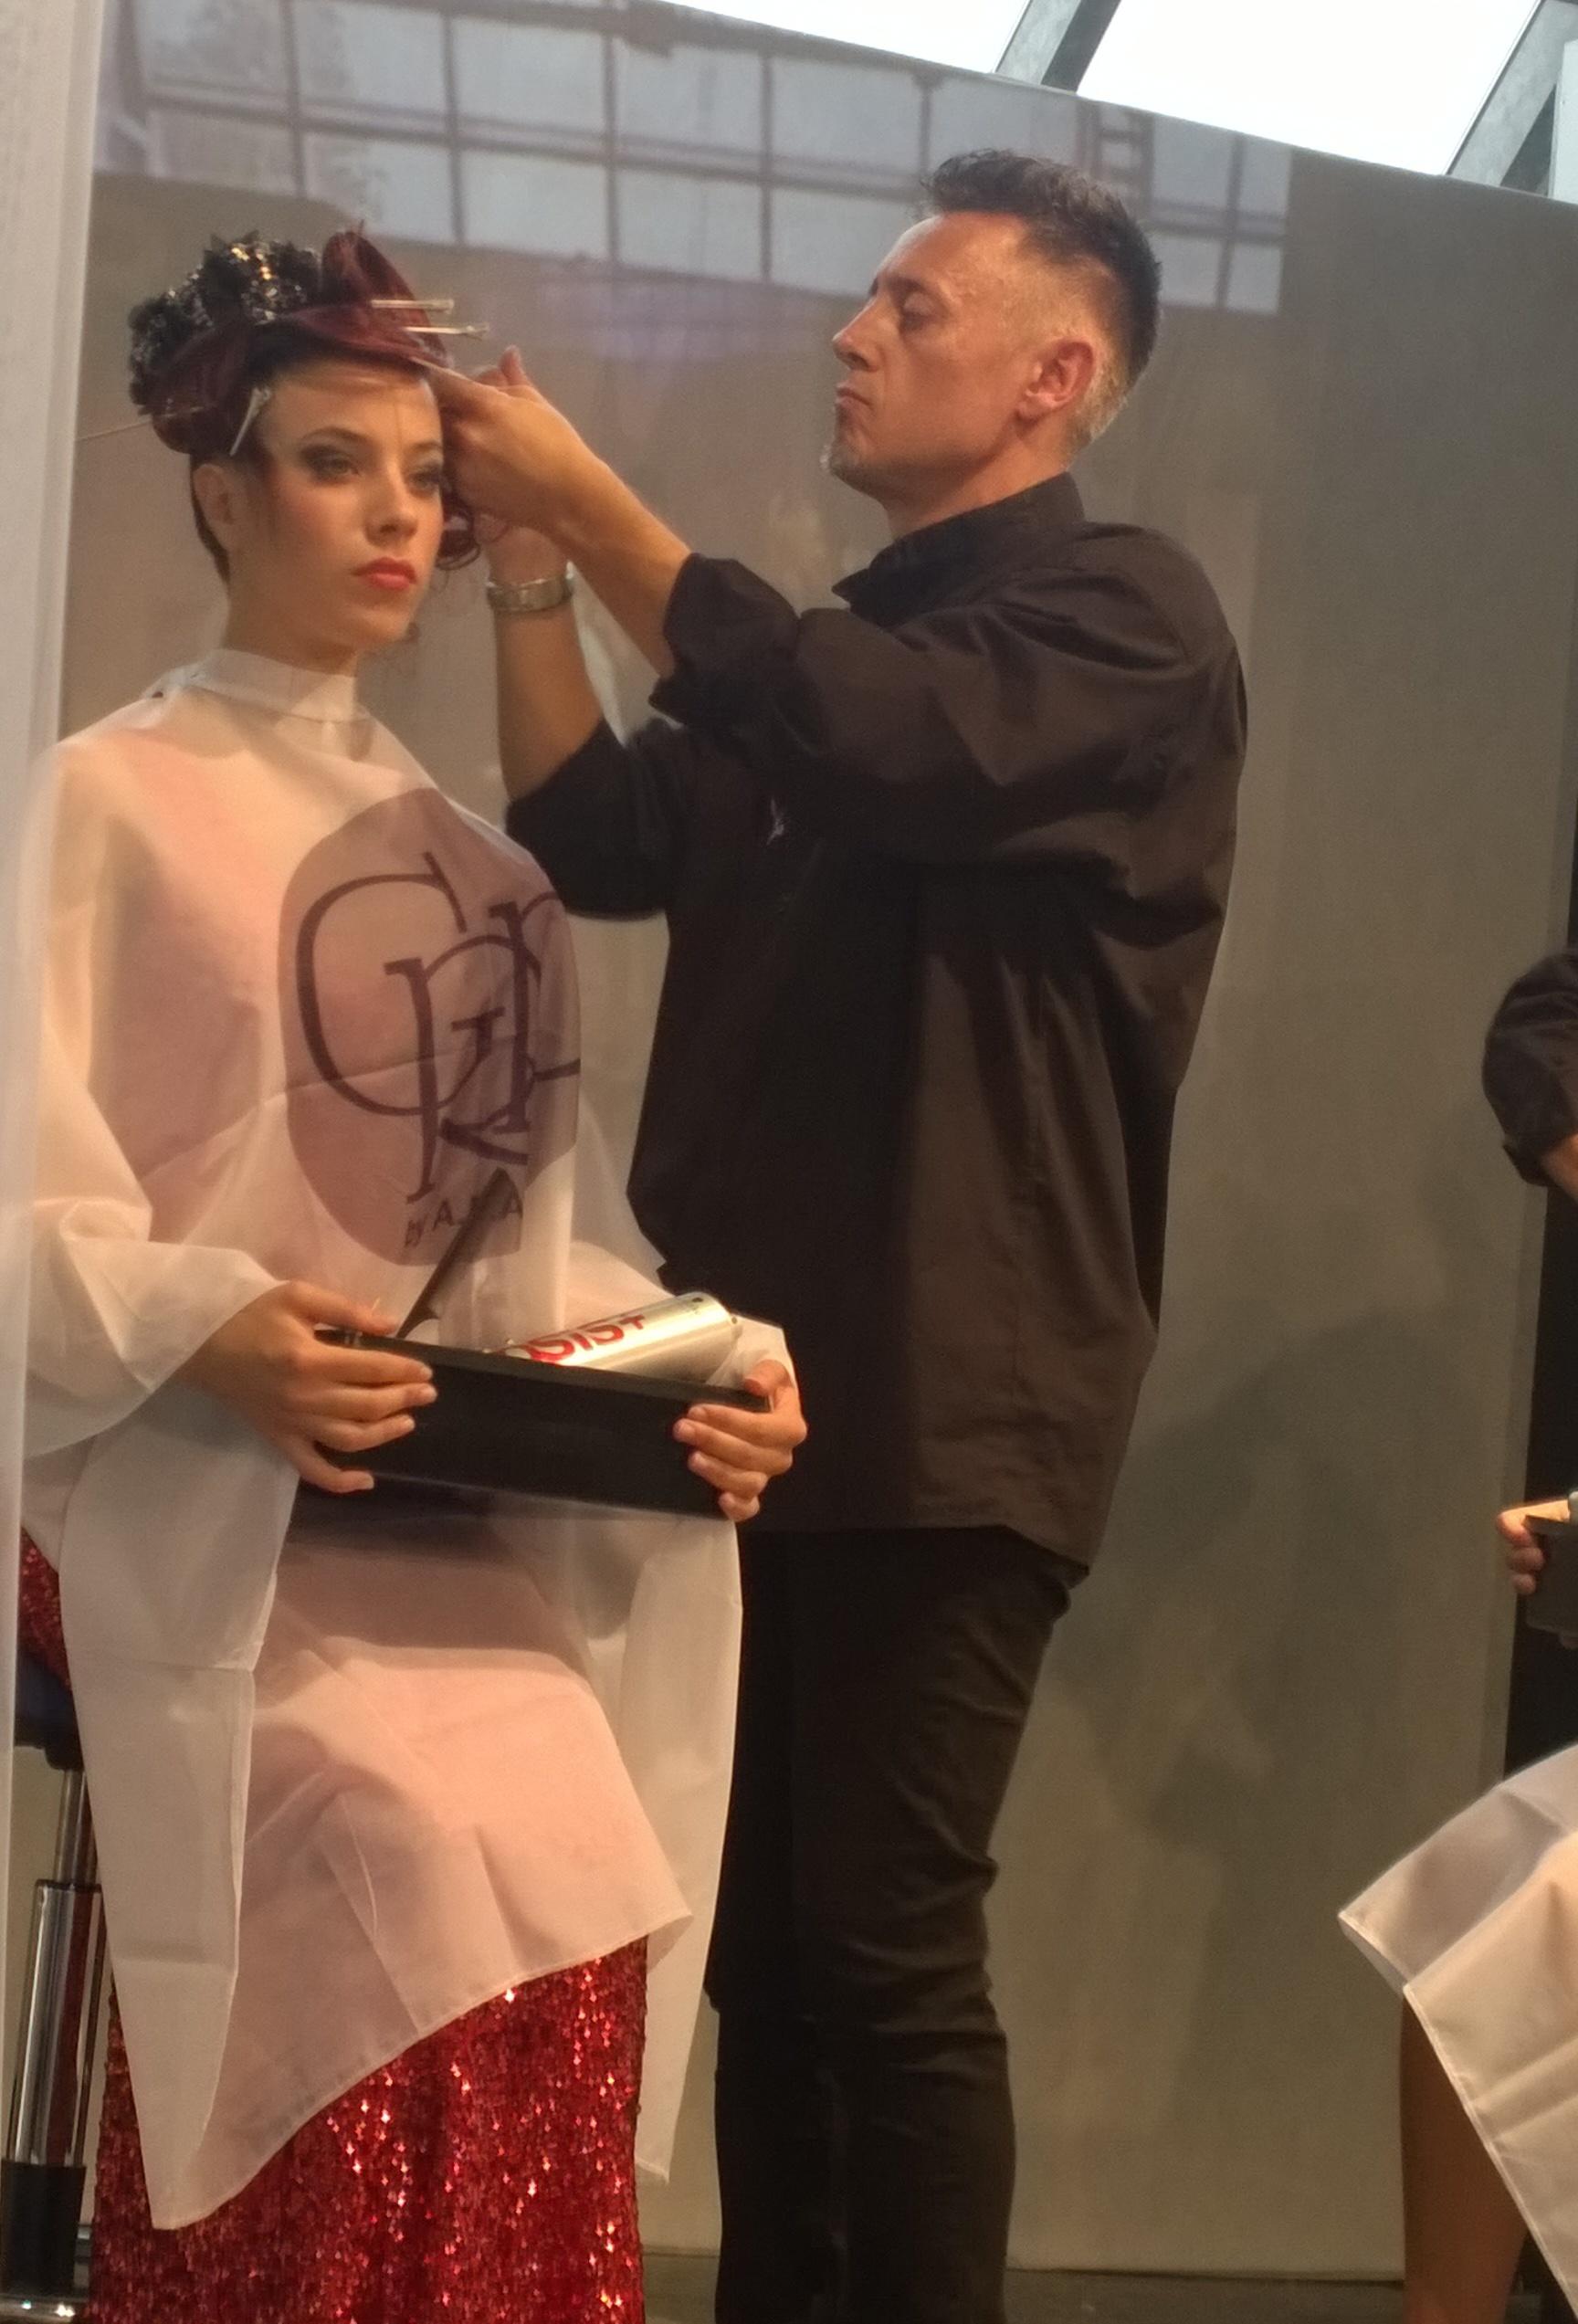 Il maestro del GRP Anam Giuseppe Francia al lavoro su di una modella - Carrara 4 ottobre 2015